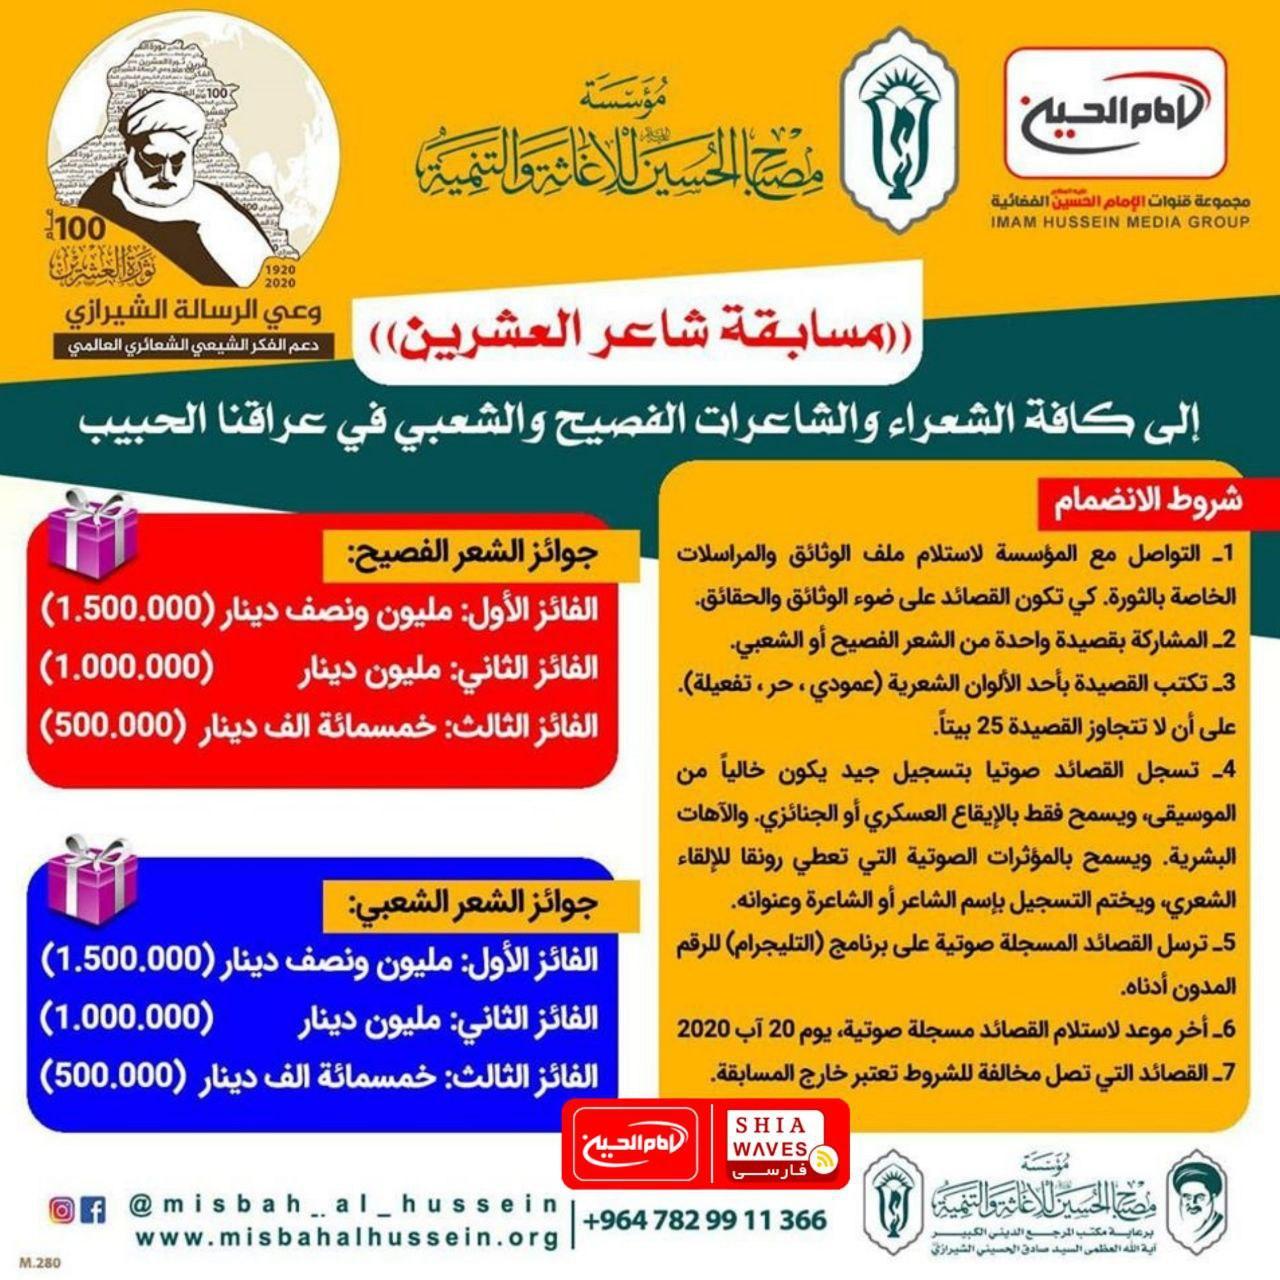 تصویر فراخوان مسابقه شعر از سوی مؤسسه مصباح الحسین علیه السلام به مناسبت یکصدمین سالگرد انقلاب ۱۹۲۰ عراق